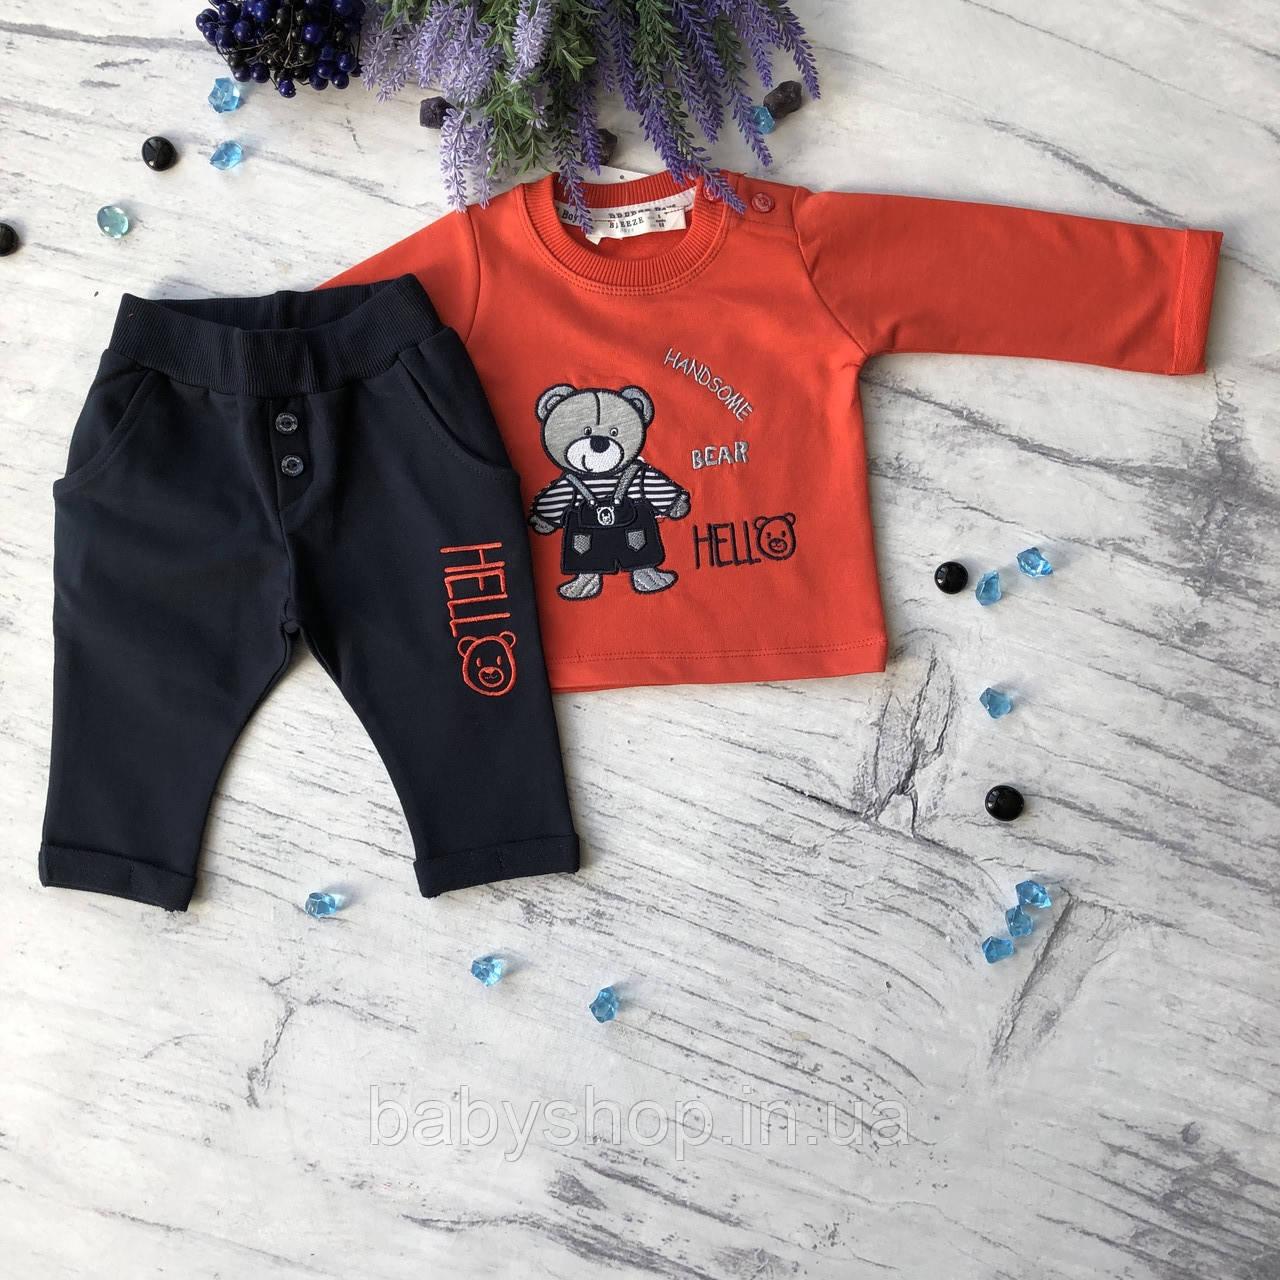 Красный костюм на мальчика Breeze 144. Размер 68 см, 74 см, 80 см, 86 см, 92 см